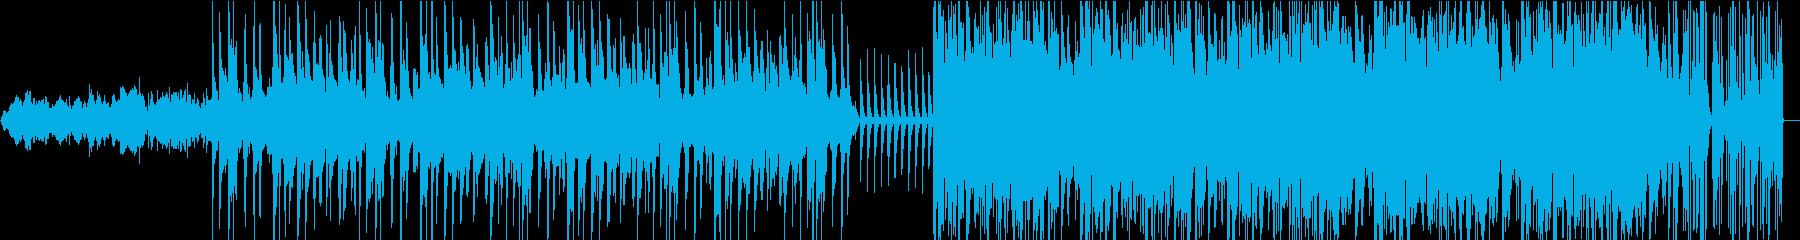 ジャズテイストのインストの再生済みの波形